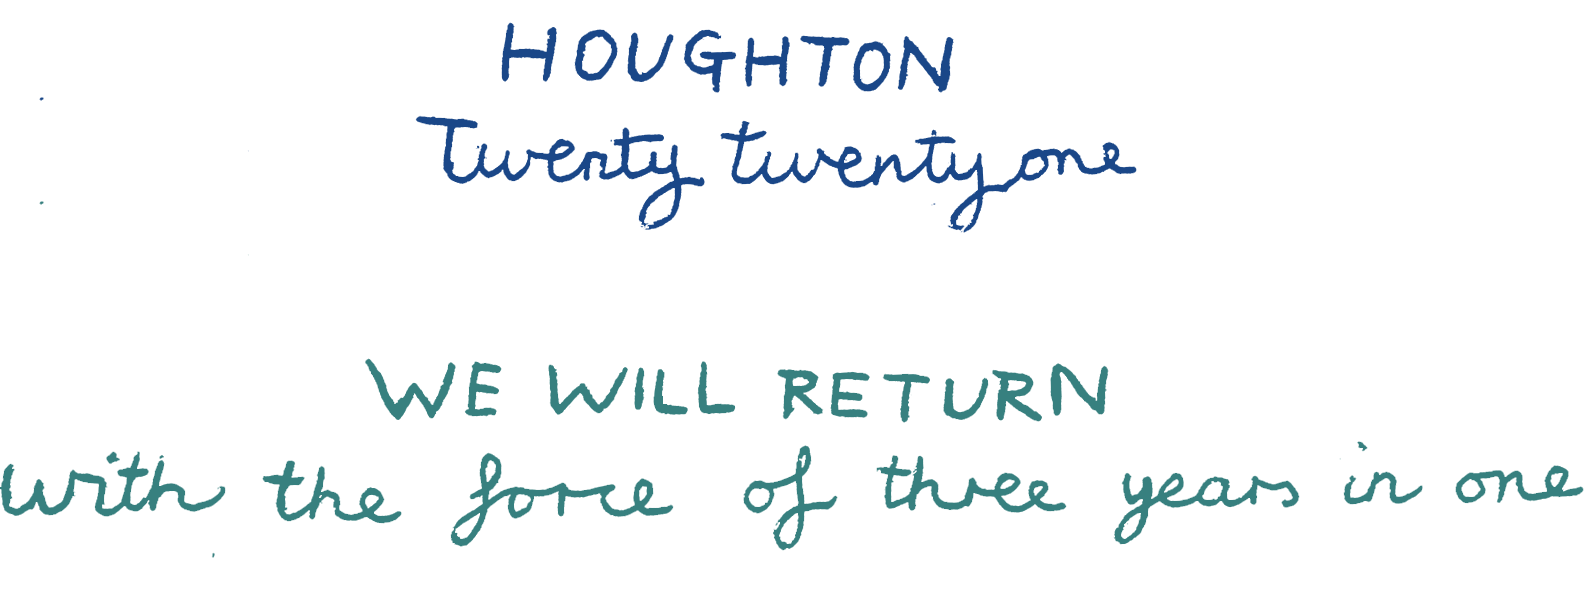 Houghton 2021